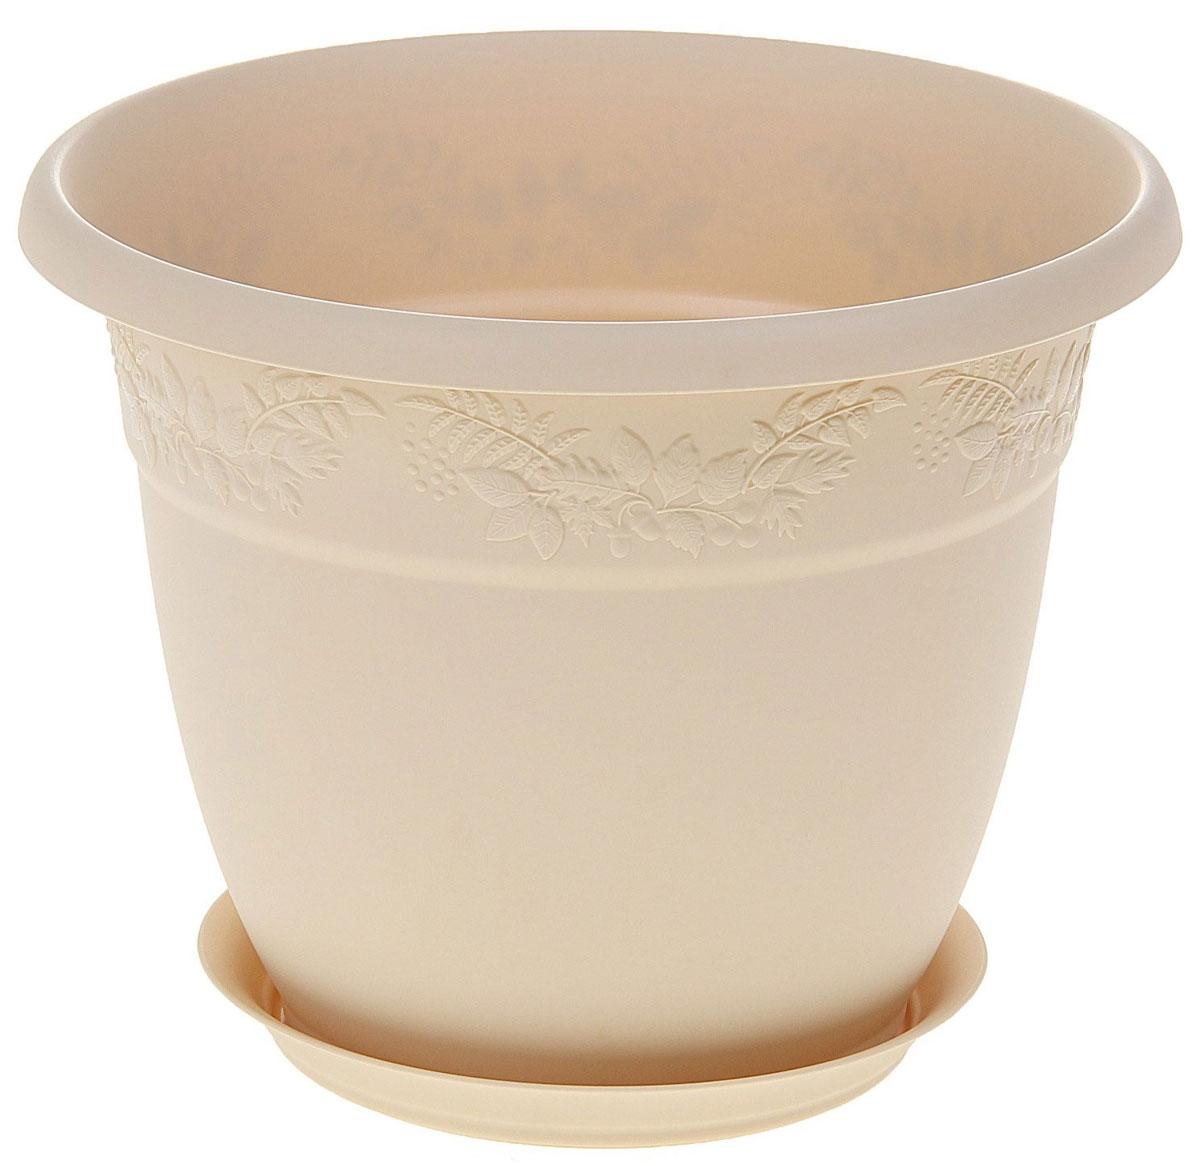 Кашпо Idea Рябина, с поддоном, цвет: белая глина, 3,6 лМ 3055Кашпо Idea Рябина изготовлено из высококачественного полипропилена (пластика). Специальный поддон предназначен для стока воды. Изделие прекрасно подходит для выращивания растений и цветов в домашних условиях. Лаконичный дизайн впишется в интерьер любого помещения. Диаметр поддона: 15 см. Объем кашпо: 3,6 л.Диаметр кашпо по верхнему краю: 22 см.Высота кашпо: 17,5 см.